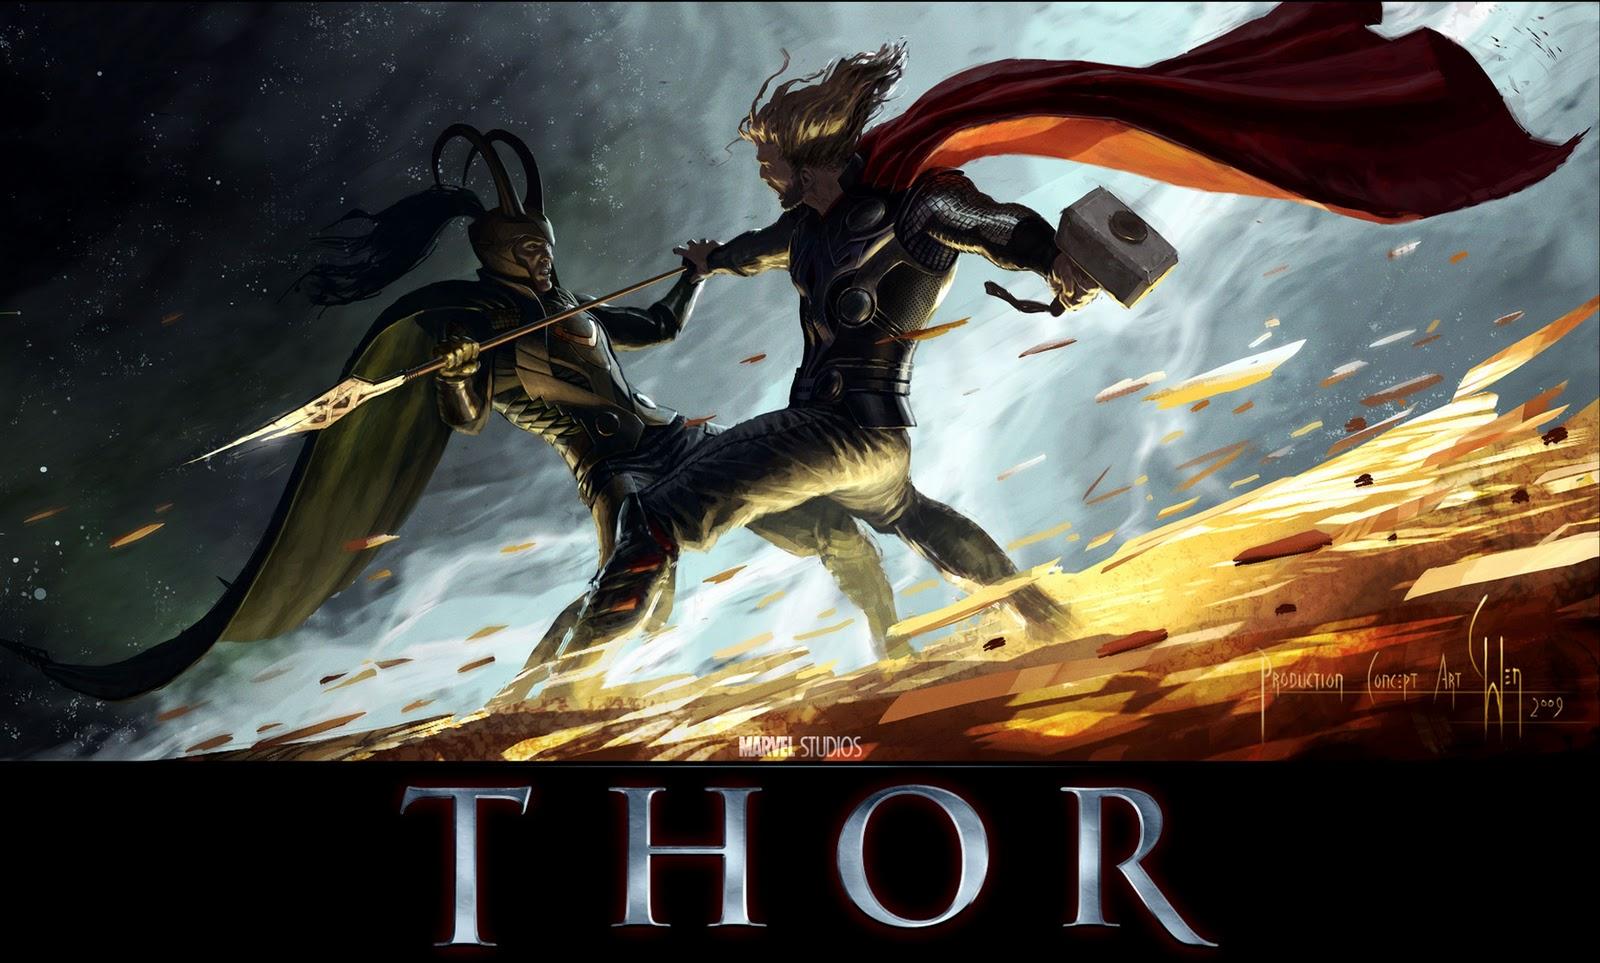 http://1.bp.blogspot.com/-IyMN5SeTpXM/TcbbDJ16ZUI/AAAAAAAAAHQ/aeKyUPXalY4/s1600/Thor-Movie-2011-Wallpapers-6.jpg